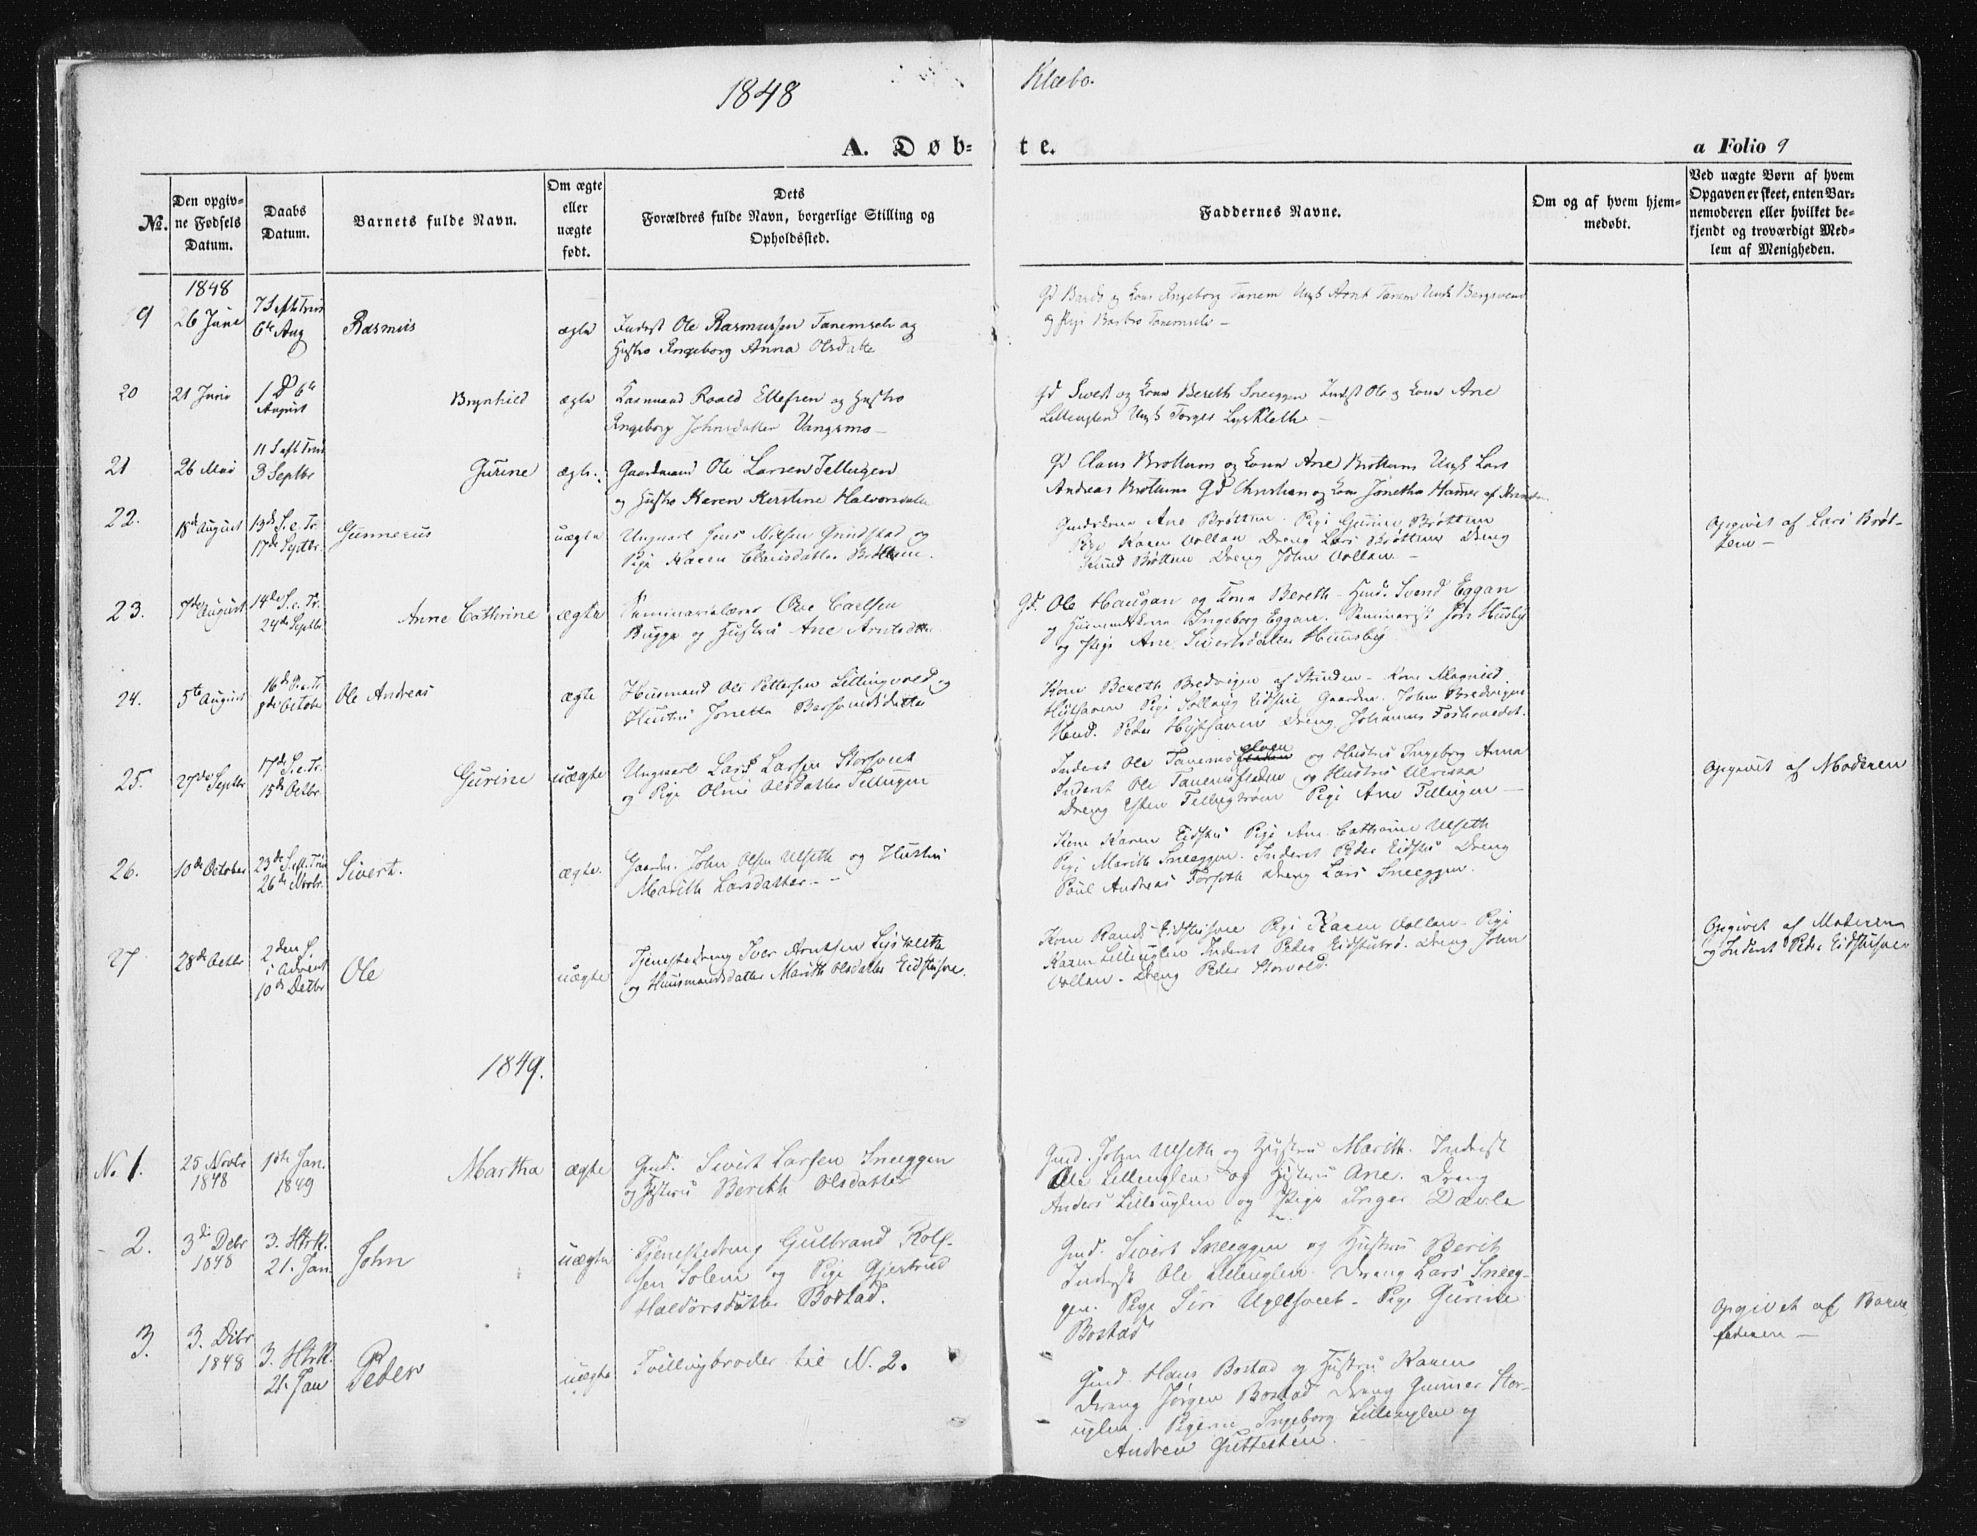 SAT, Ministerialprotokoller, klokkerbøker og fødselsregistre - Sør-Trøndelag, 618/L0441: Ministerialbok nr. 618A05, 1843-1862, s. 9